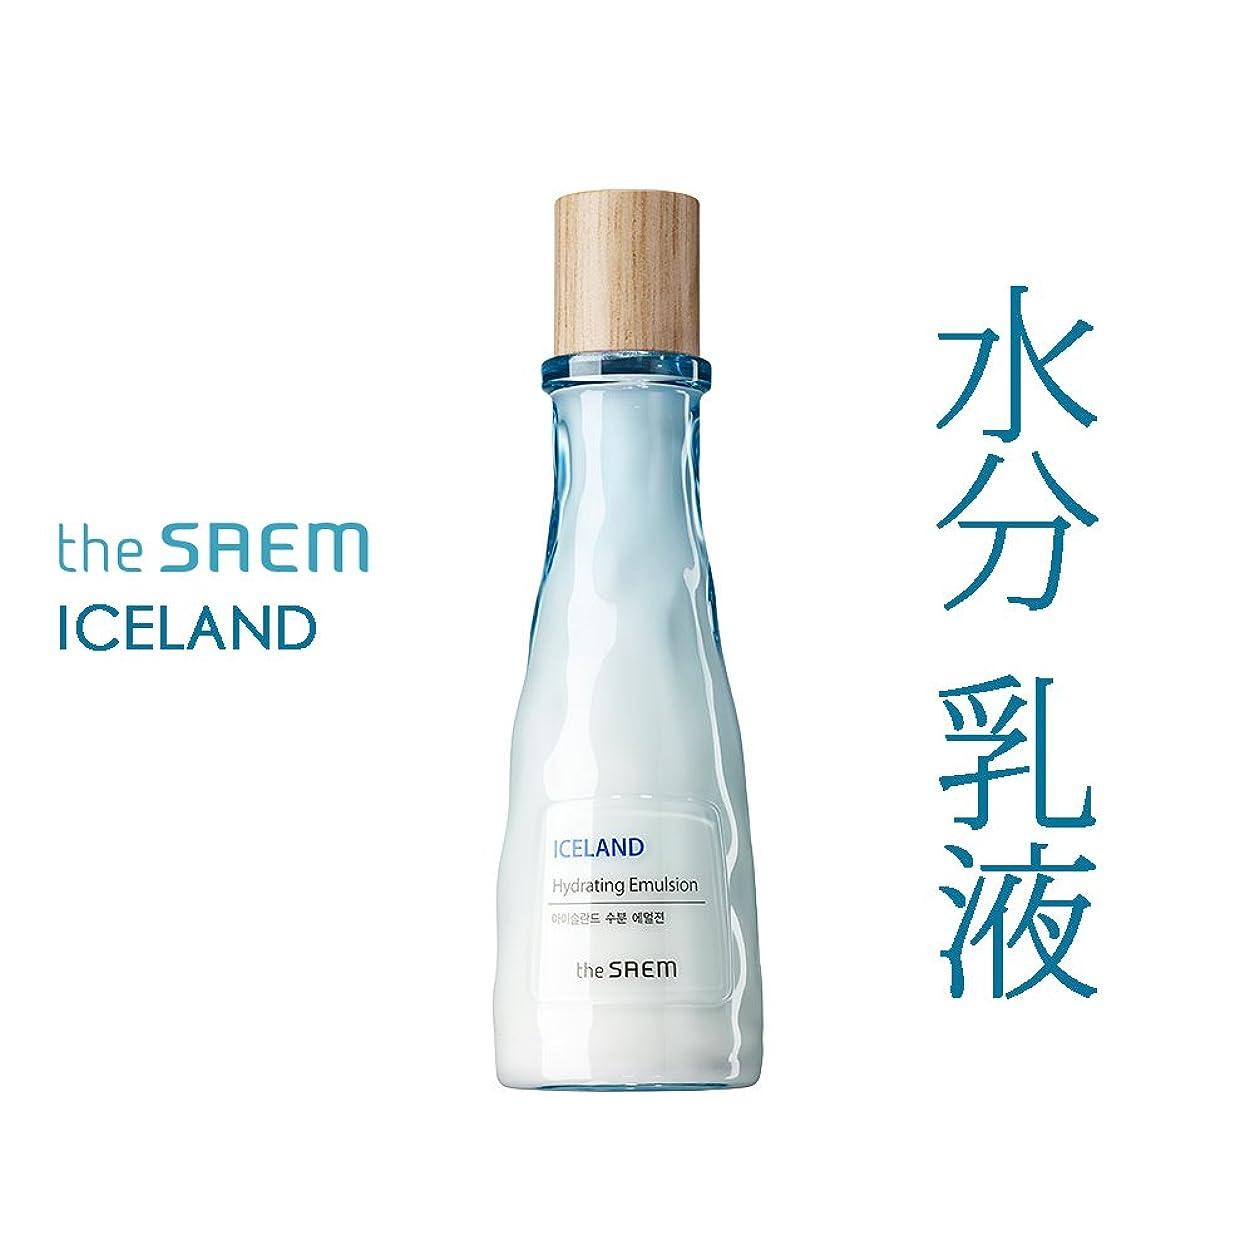 胃二層エコーザ セム The saem アイスランド 水分 乳液 The Saem Iceland Hydrating E mulsion 140ml